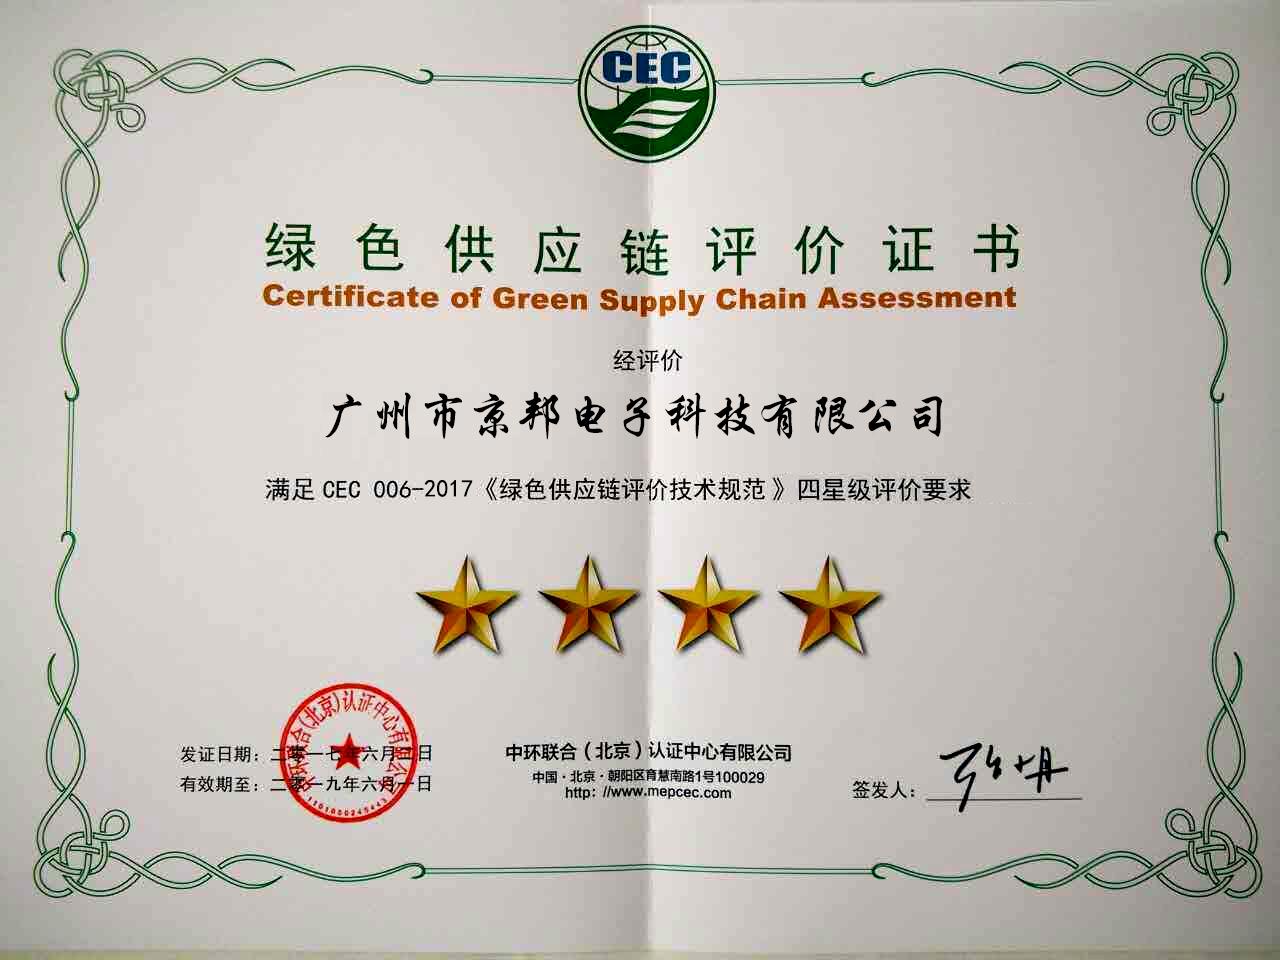 绿色供应链评价证书